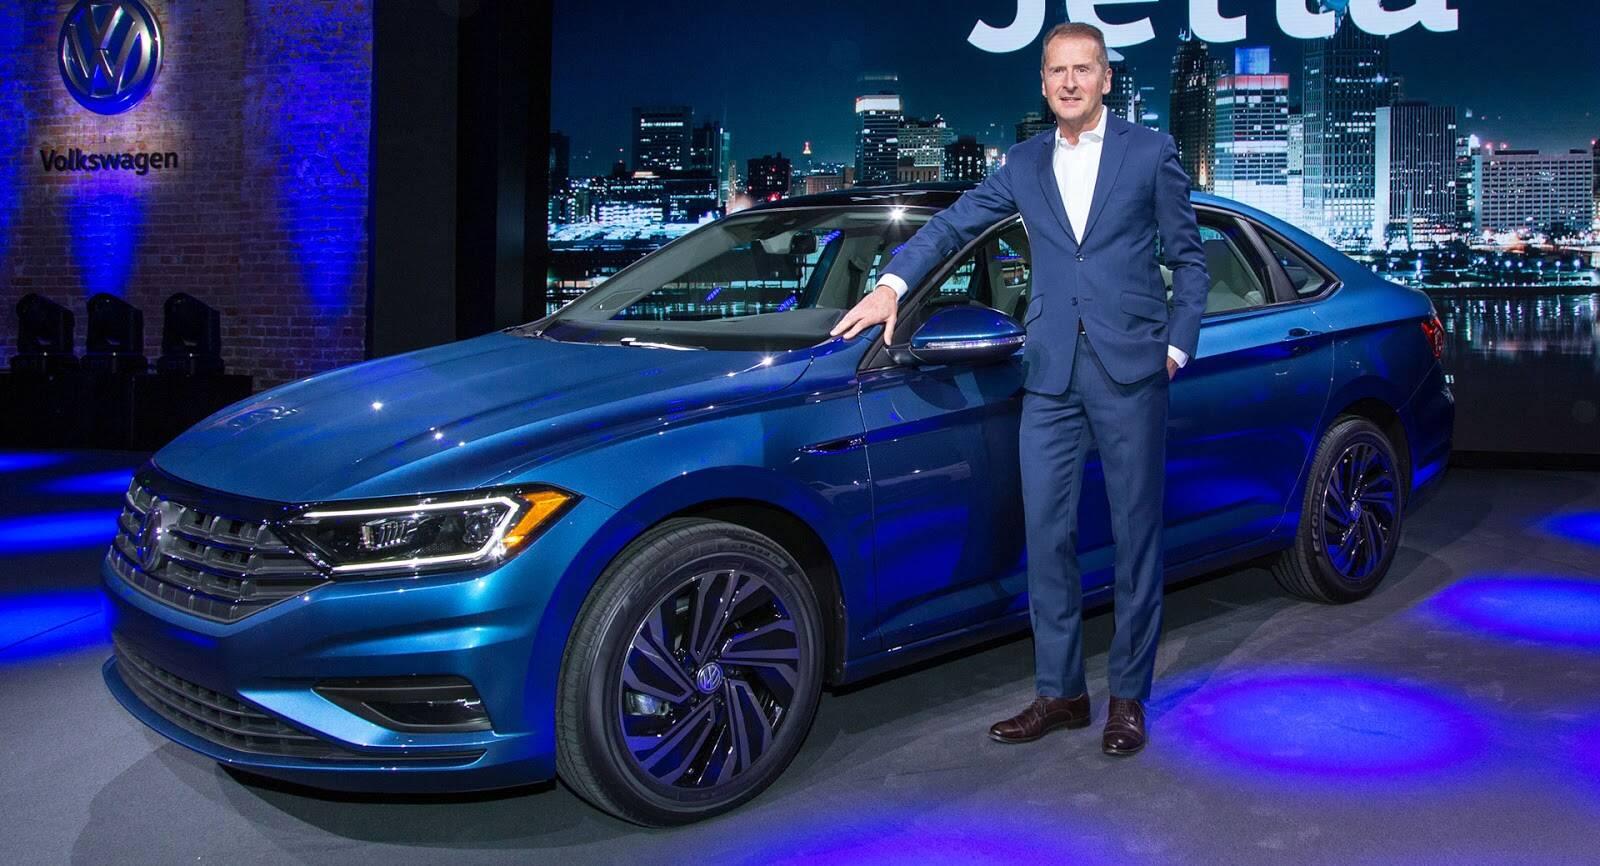 O CEO da VW, Dr. Herbert Diess, apresenta a nova geração do Jetta, no Salão de Detroit. Foto: André Jalonetsky/iG